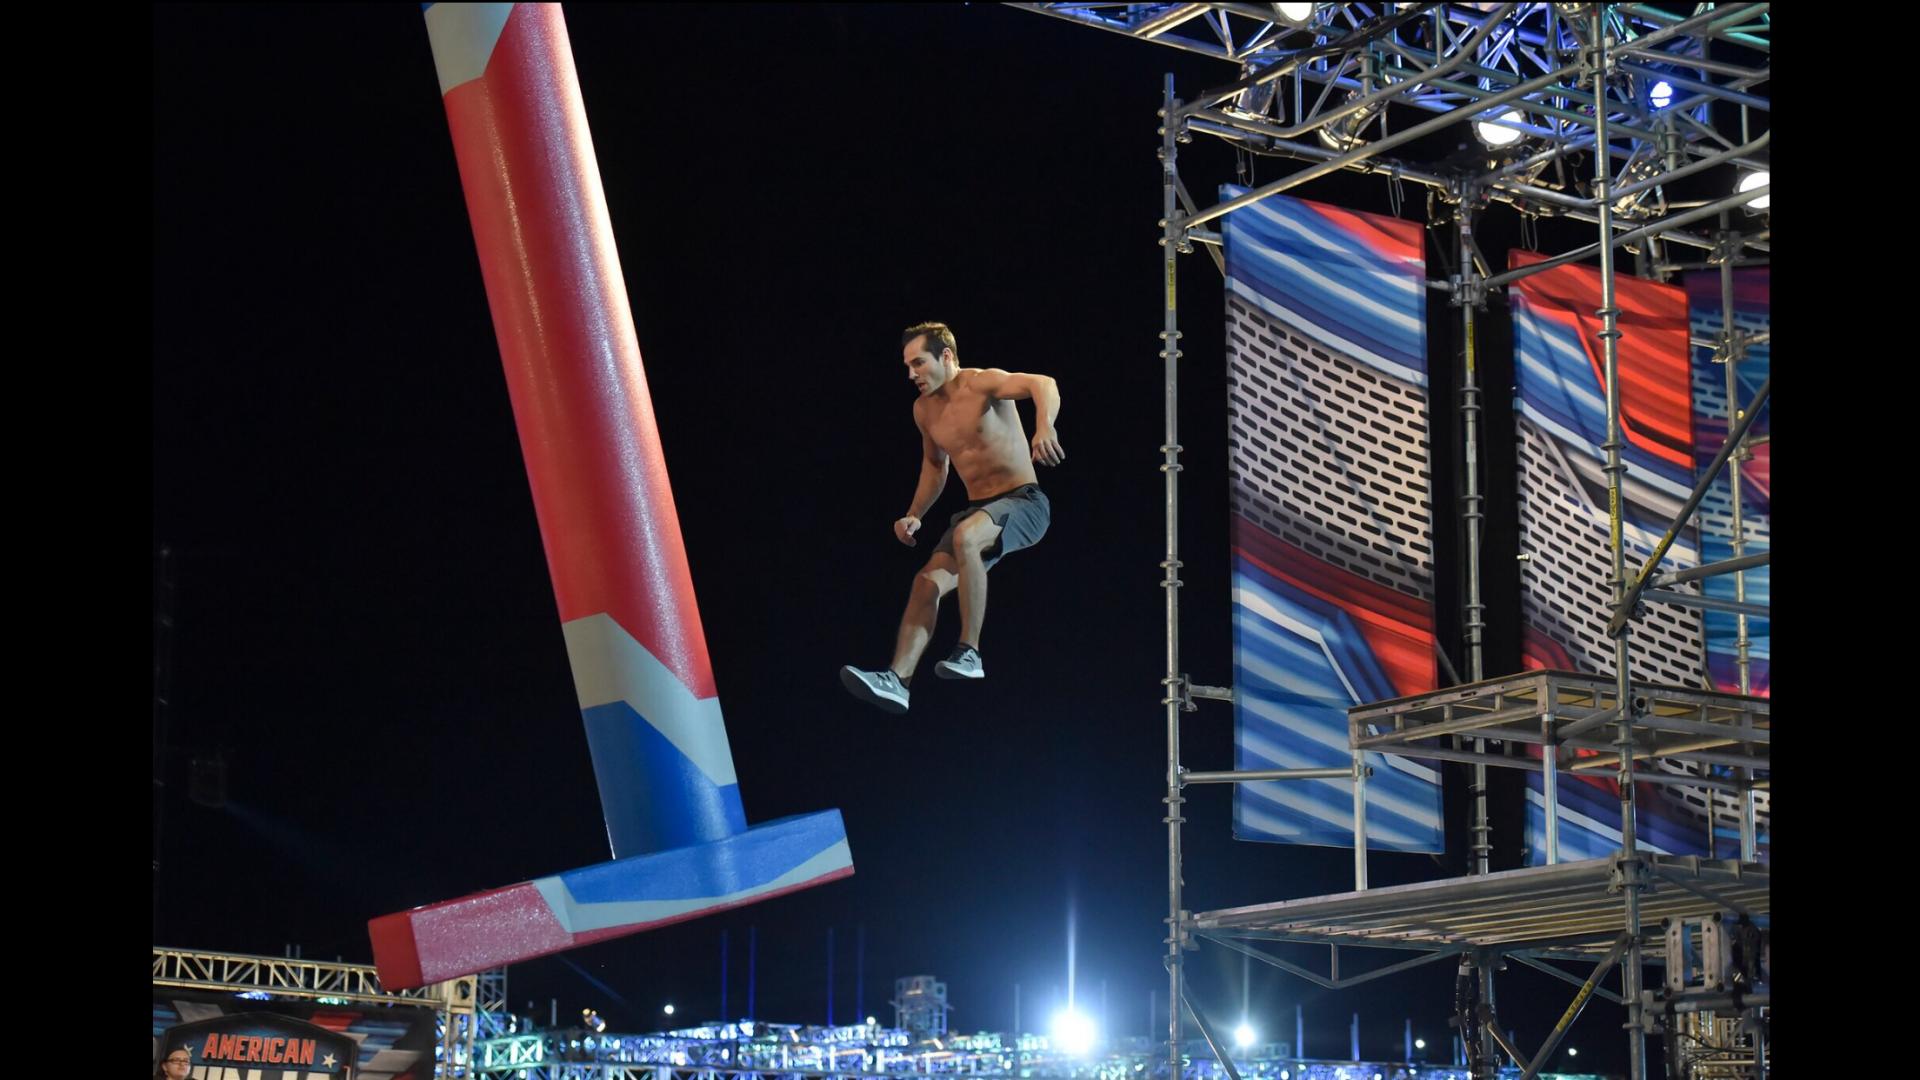 Casey Suchocki jumping off a platform